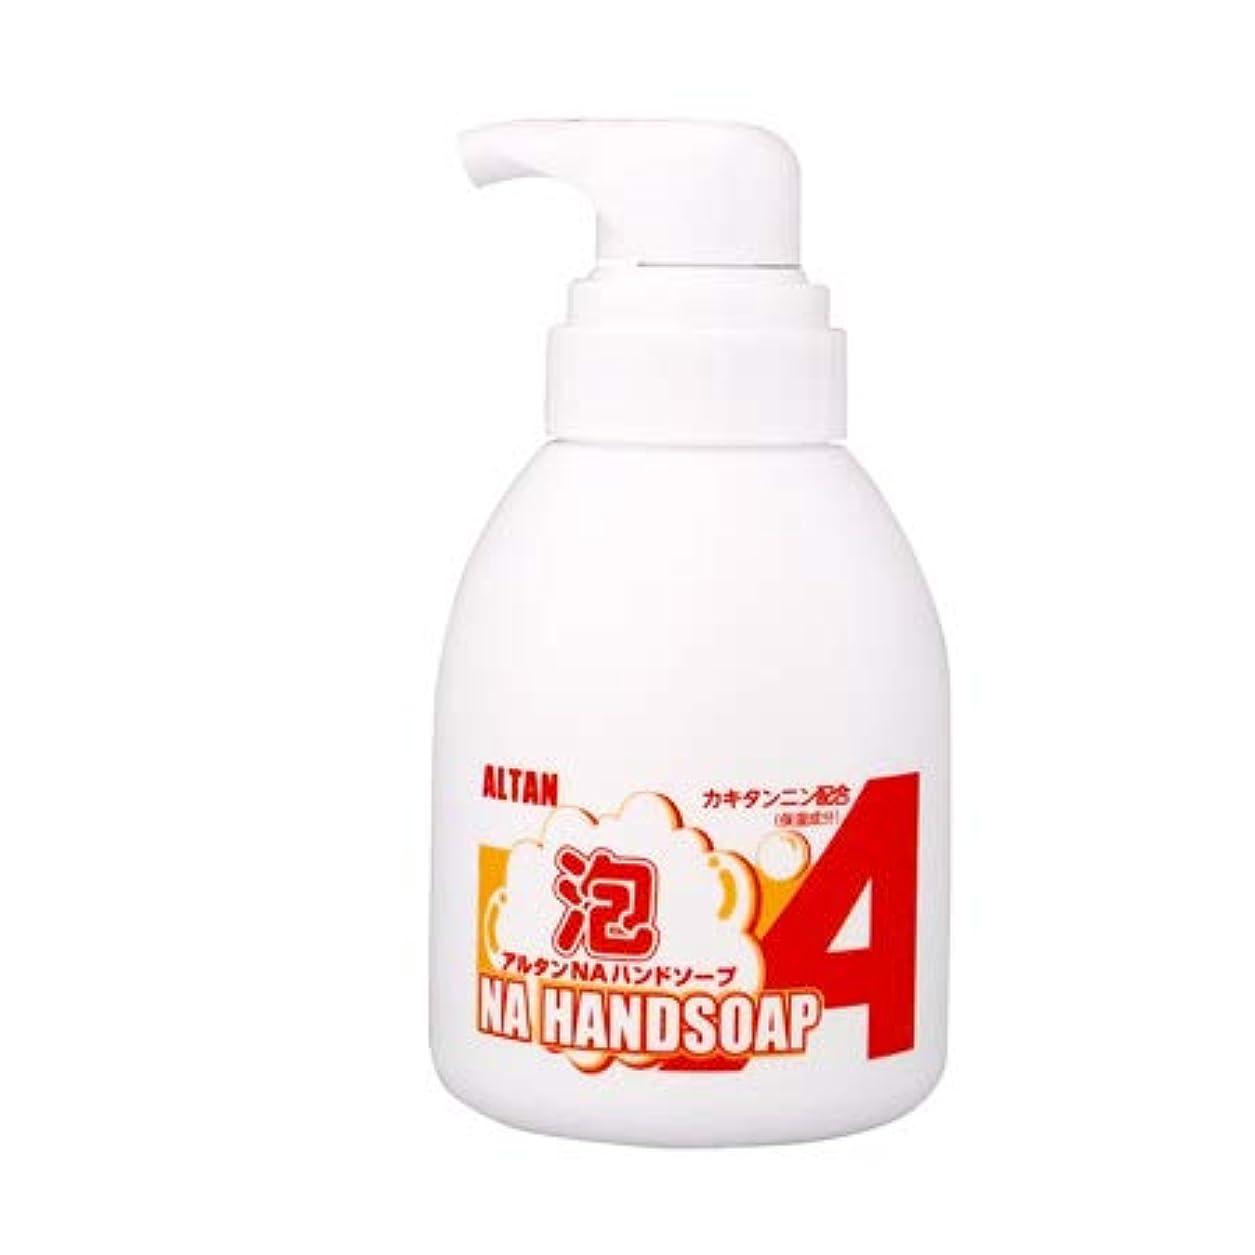 飾る細胞含意アルタンNAハンドソープ 泡タイプ 500ml ボトル 1ケース (20本入)